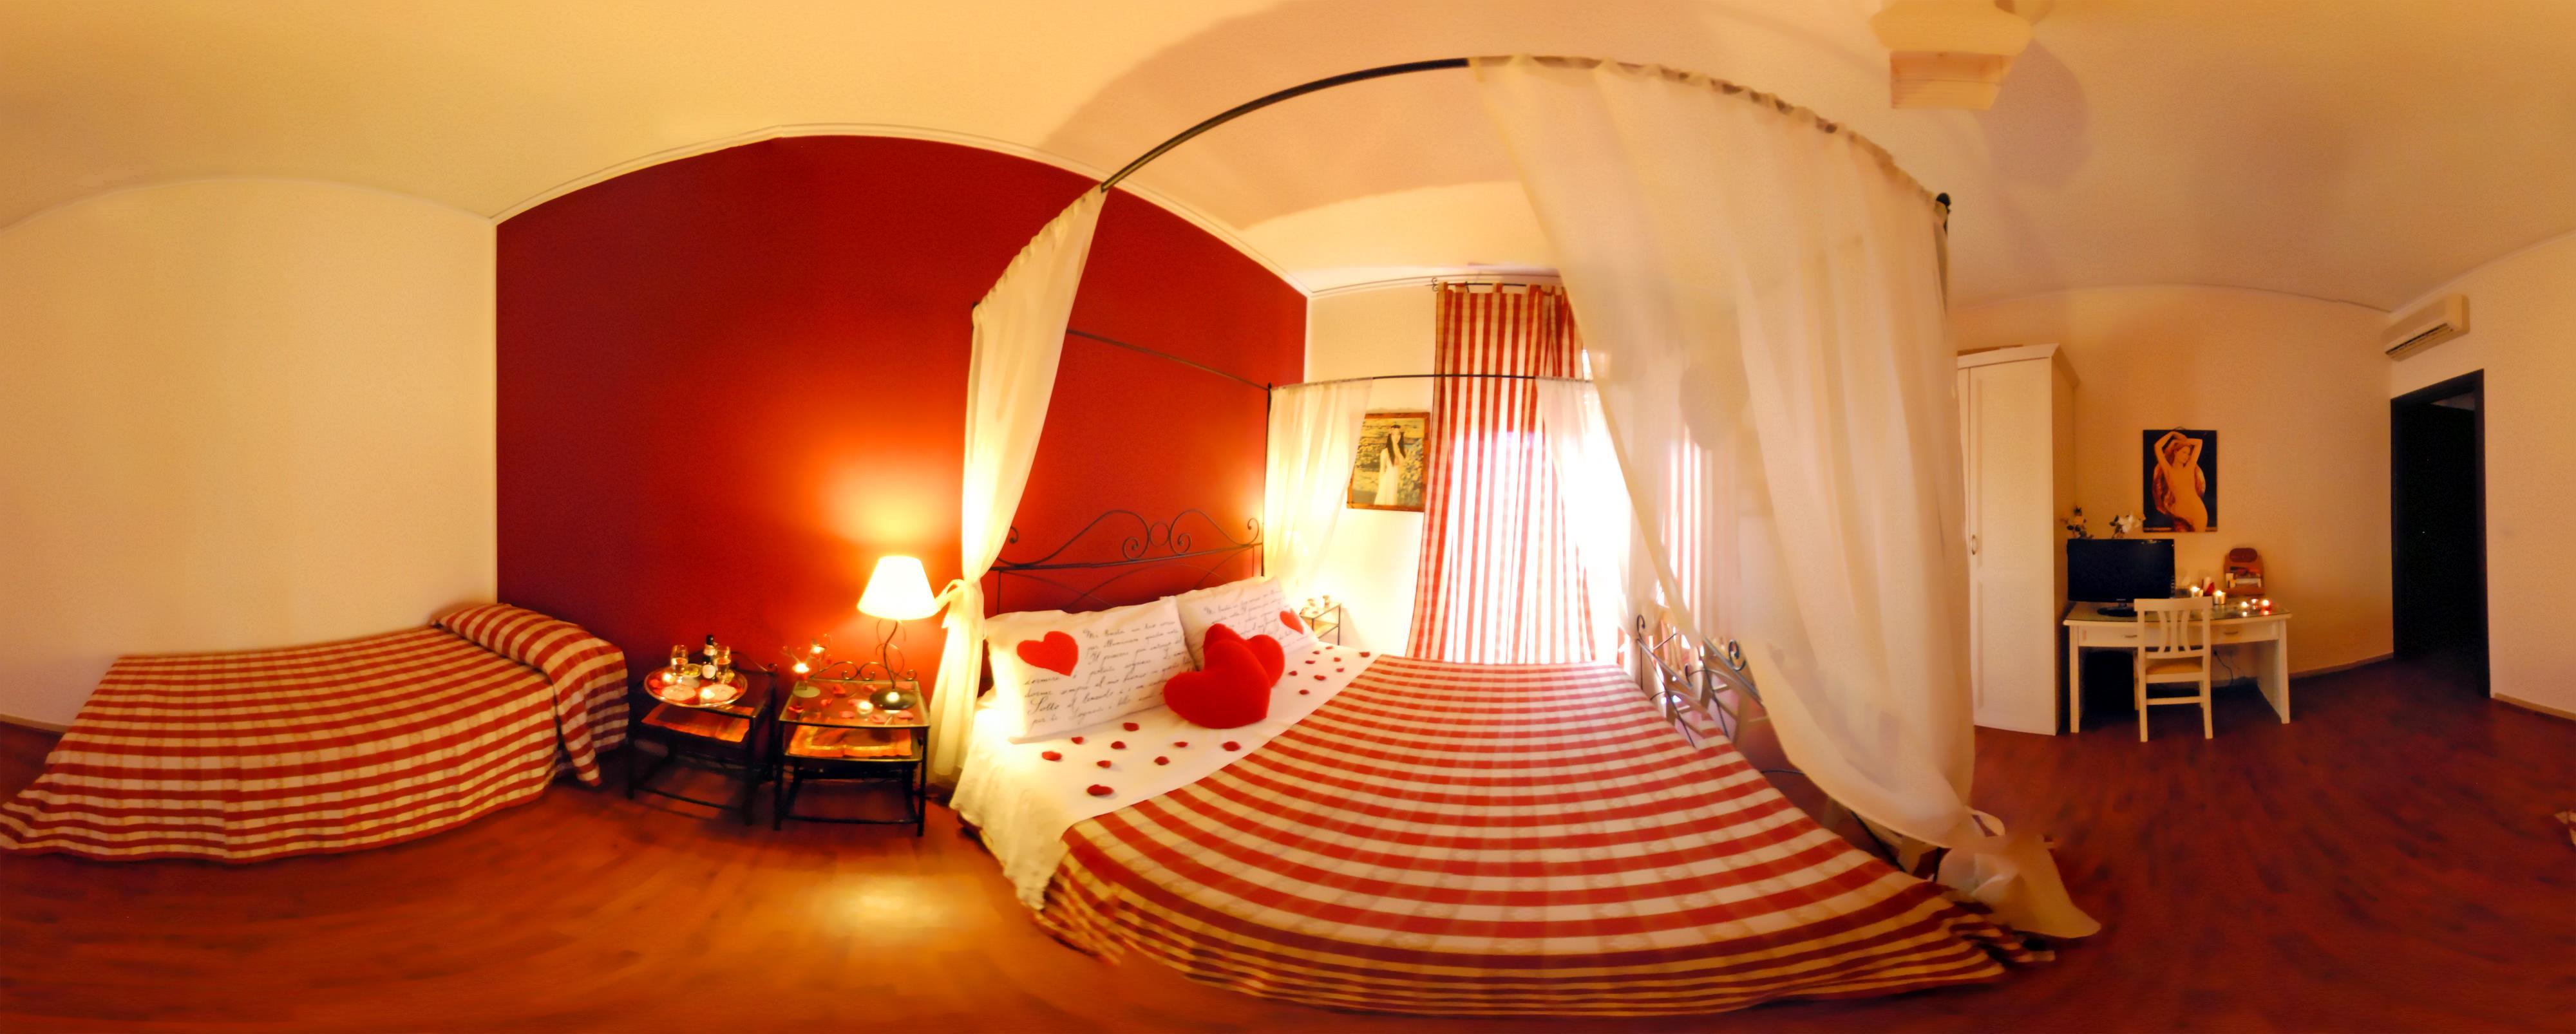 Offerta camera romantica coppie letto baldacchino e cabina - Stanza da letto romantica ...